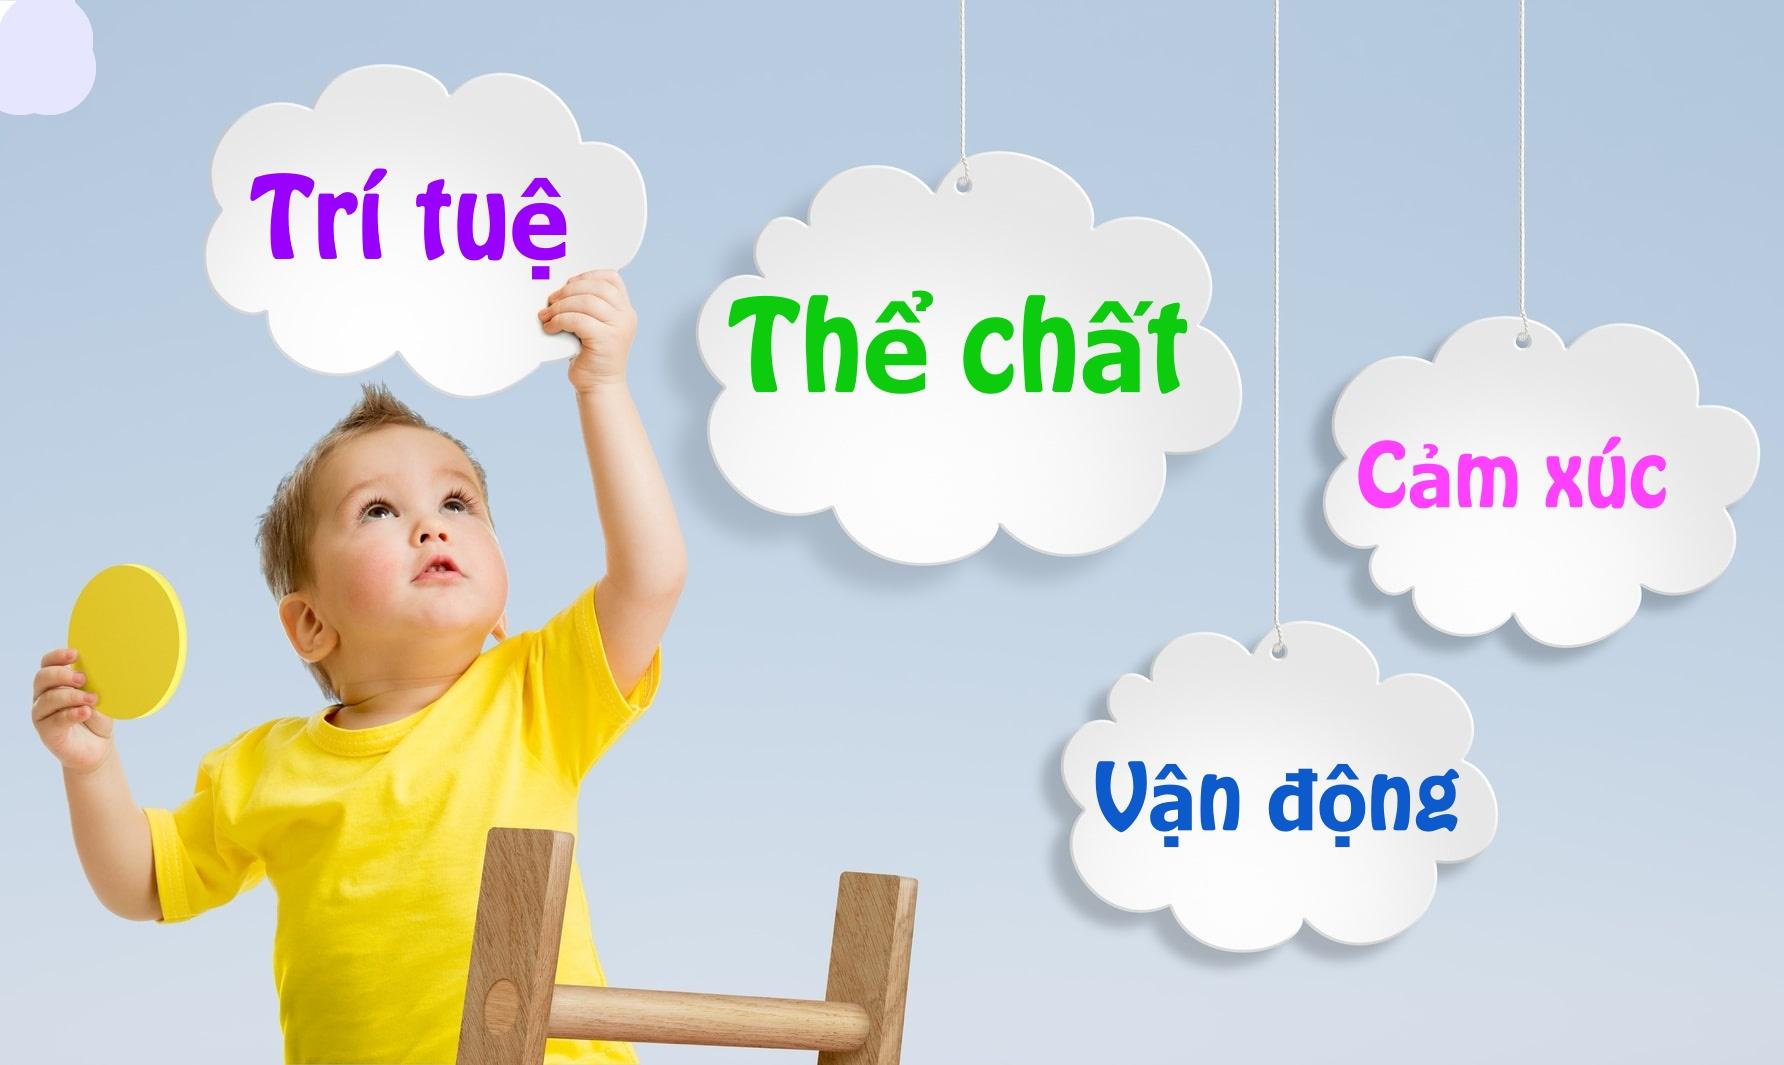 Sử dụng cốm chùm ngây có giúp bé phát triển toàn diện hay không?